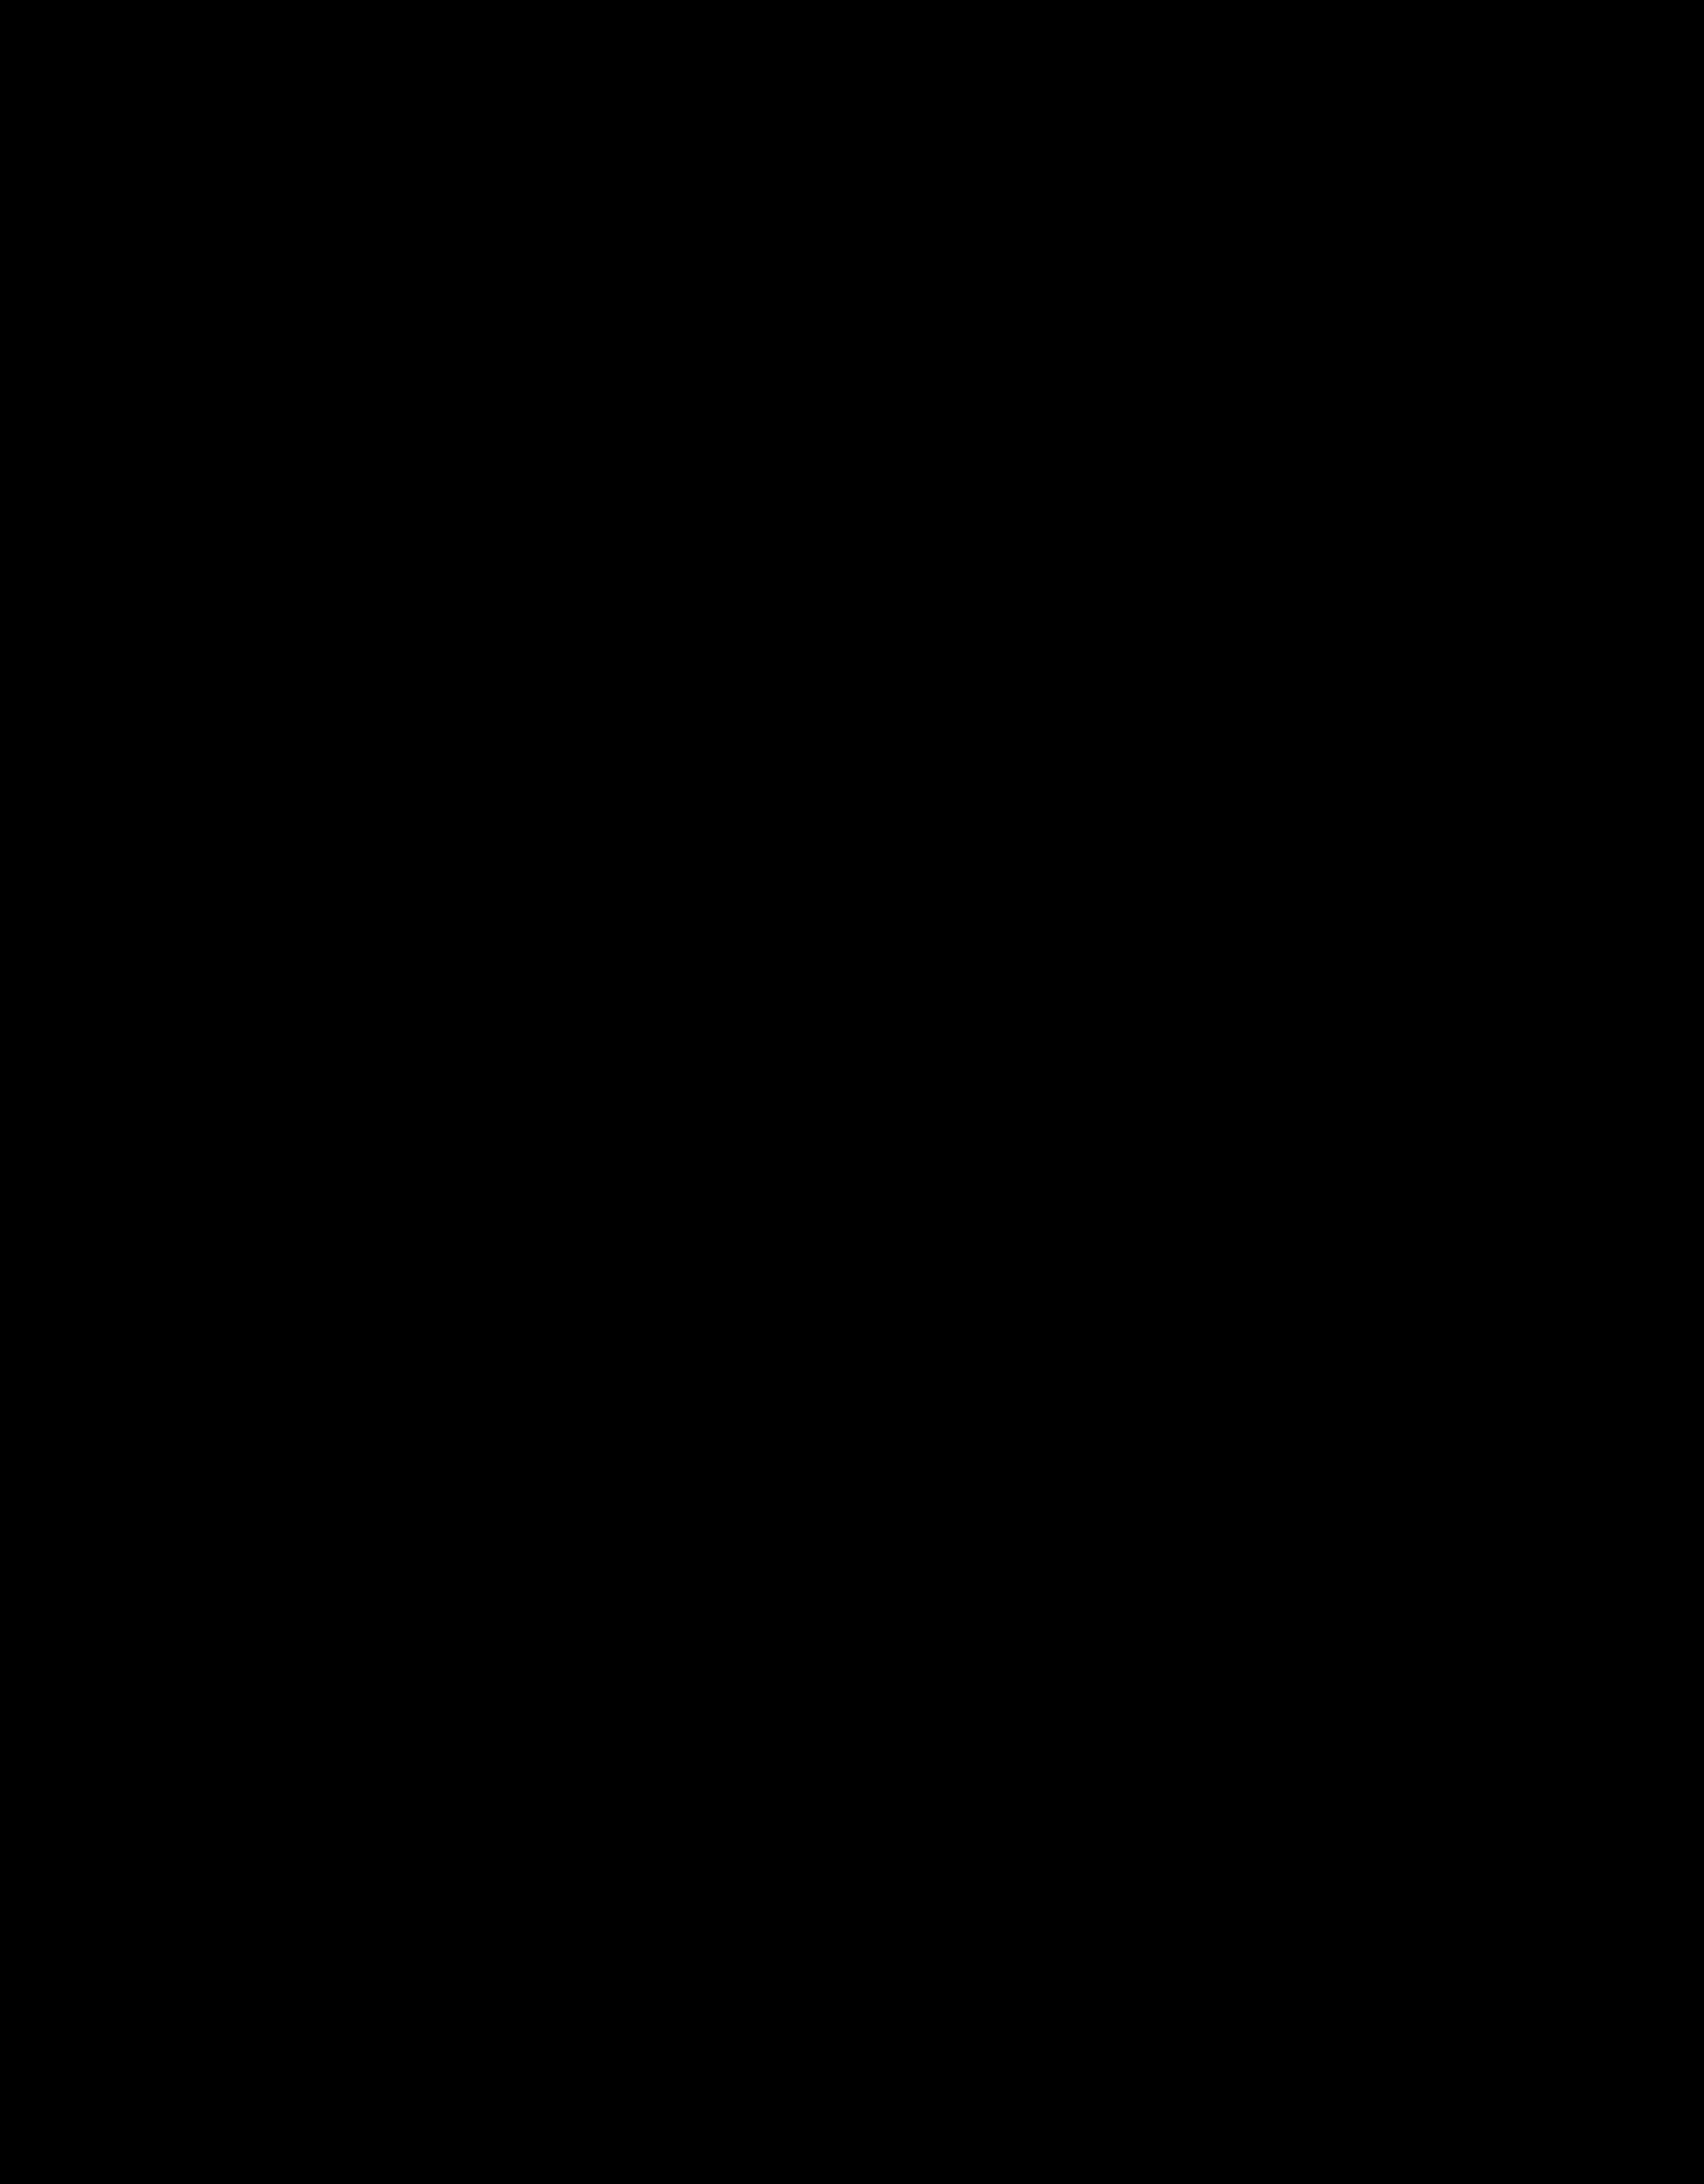 Incendio forestal en Quebec y humo encima de la Costa este de Estados Unidos